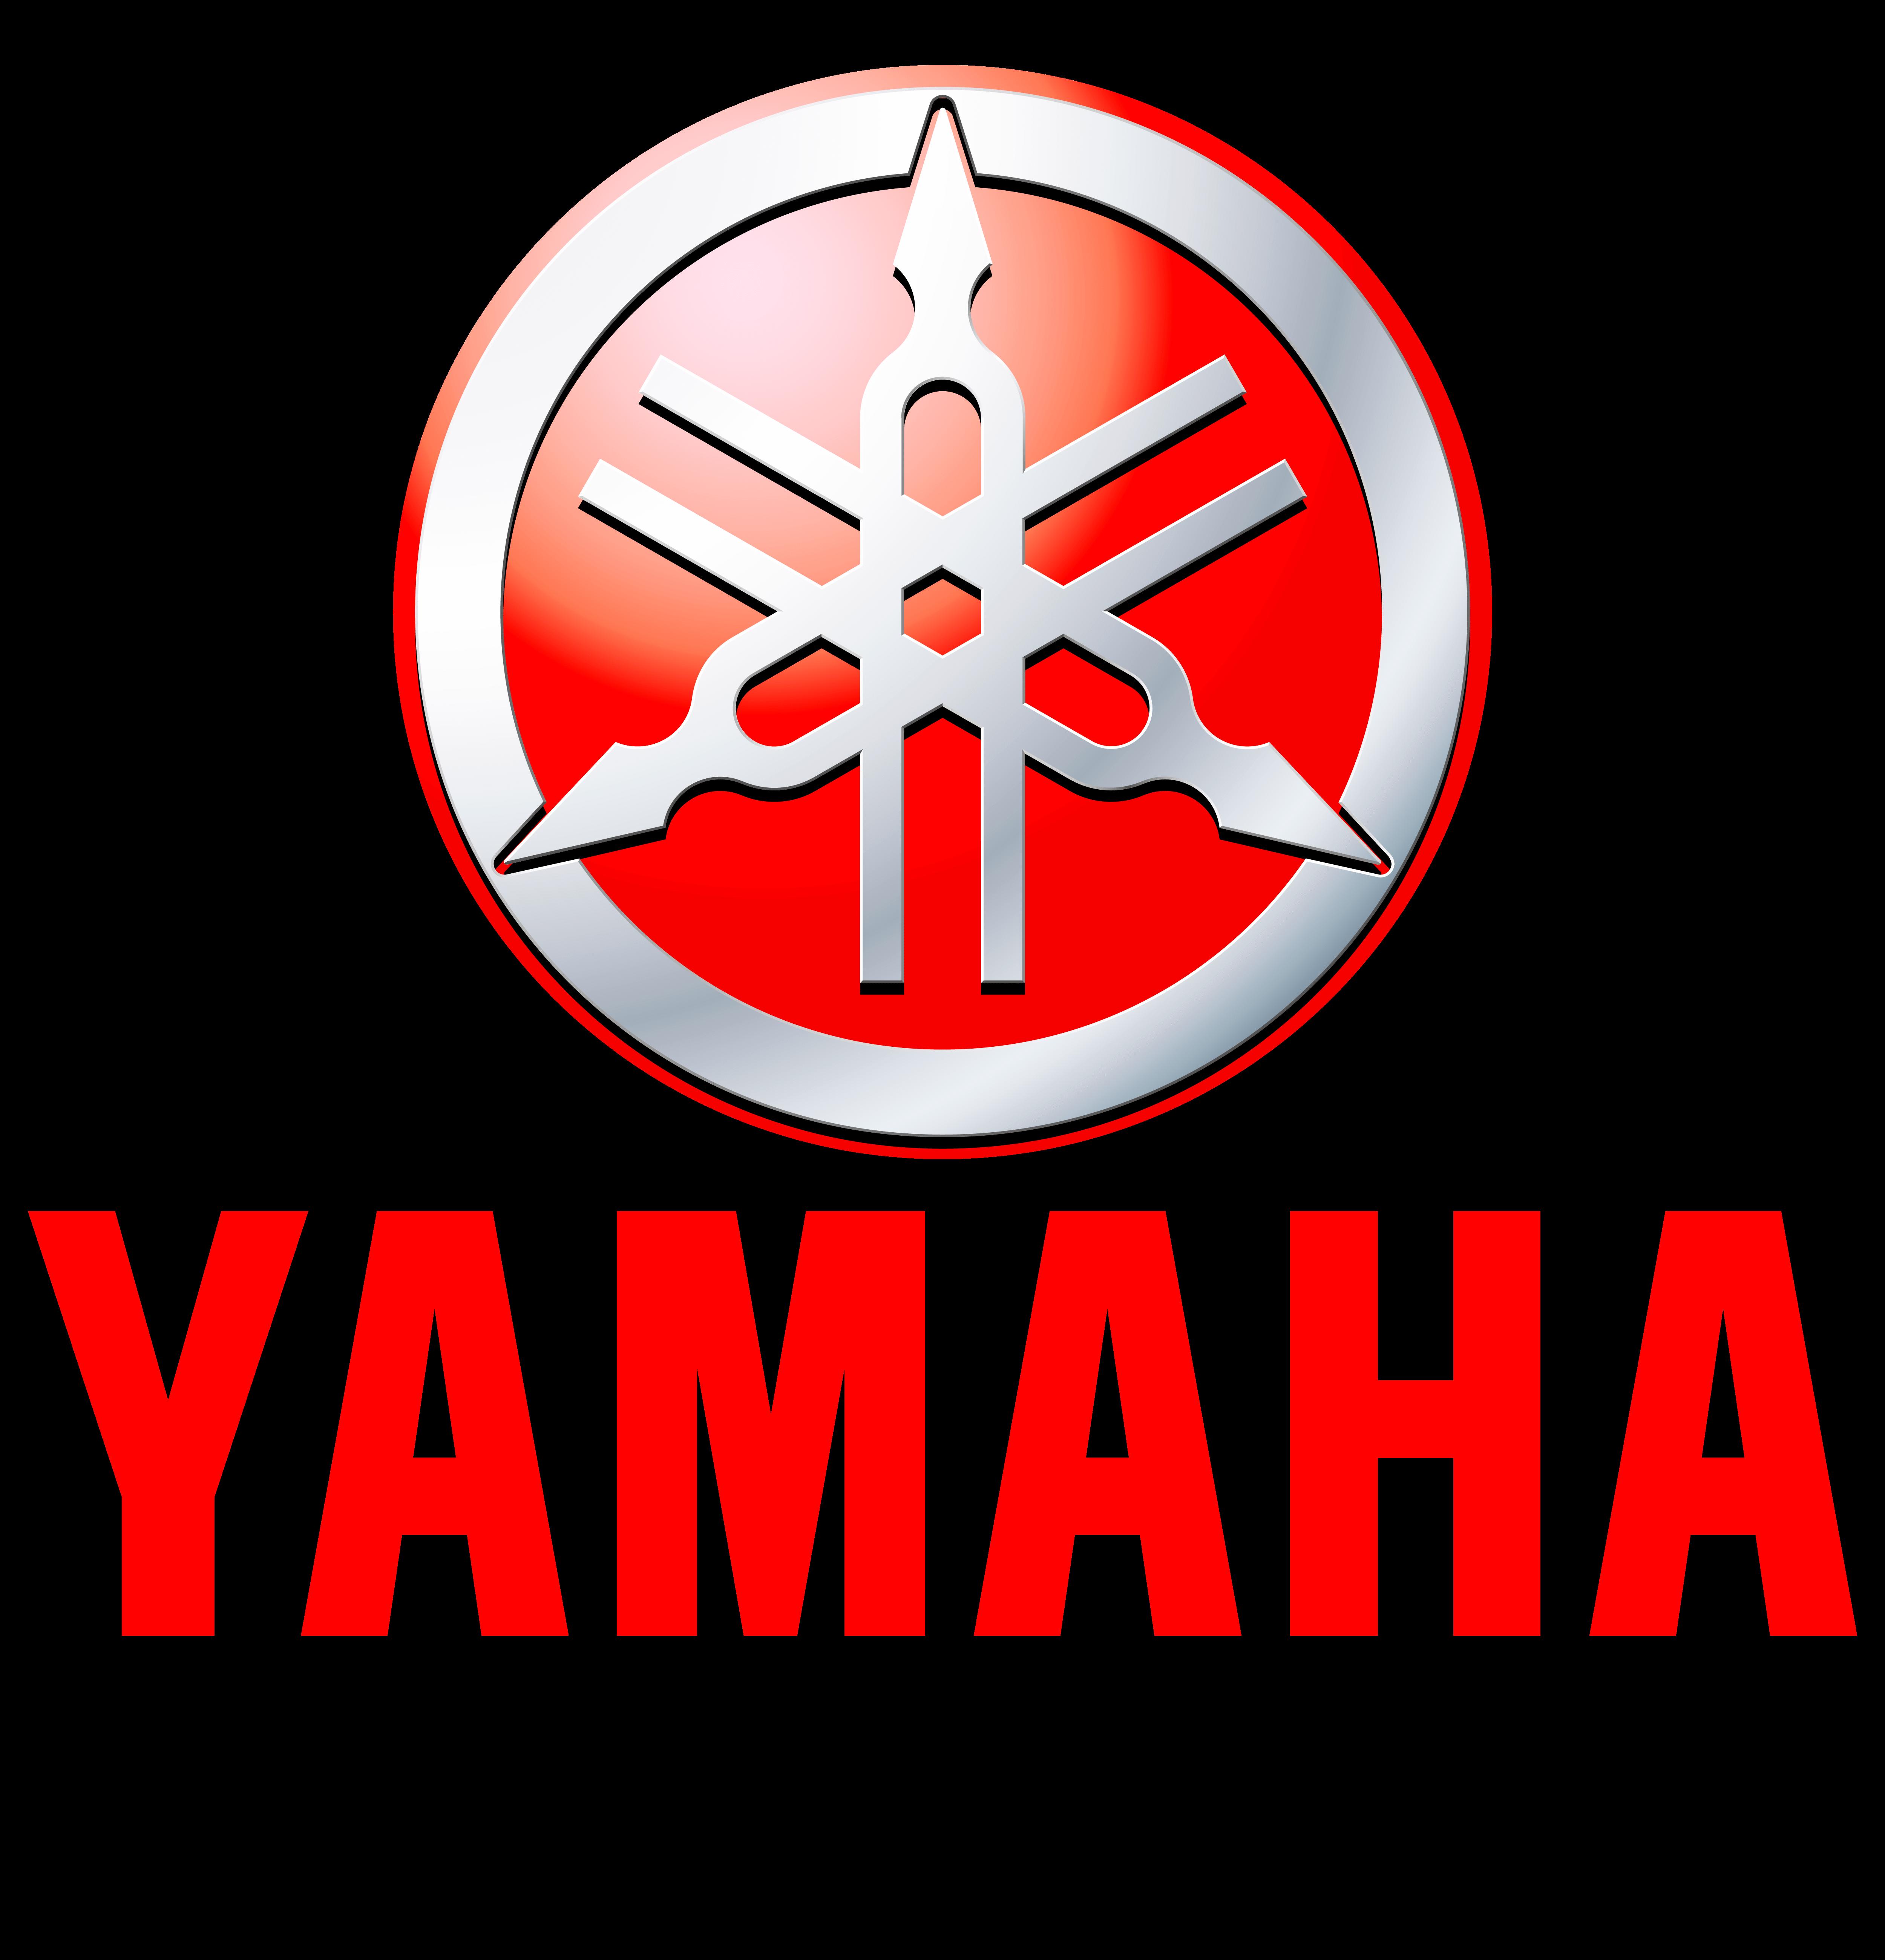 Yamaha Png Logo.